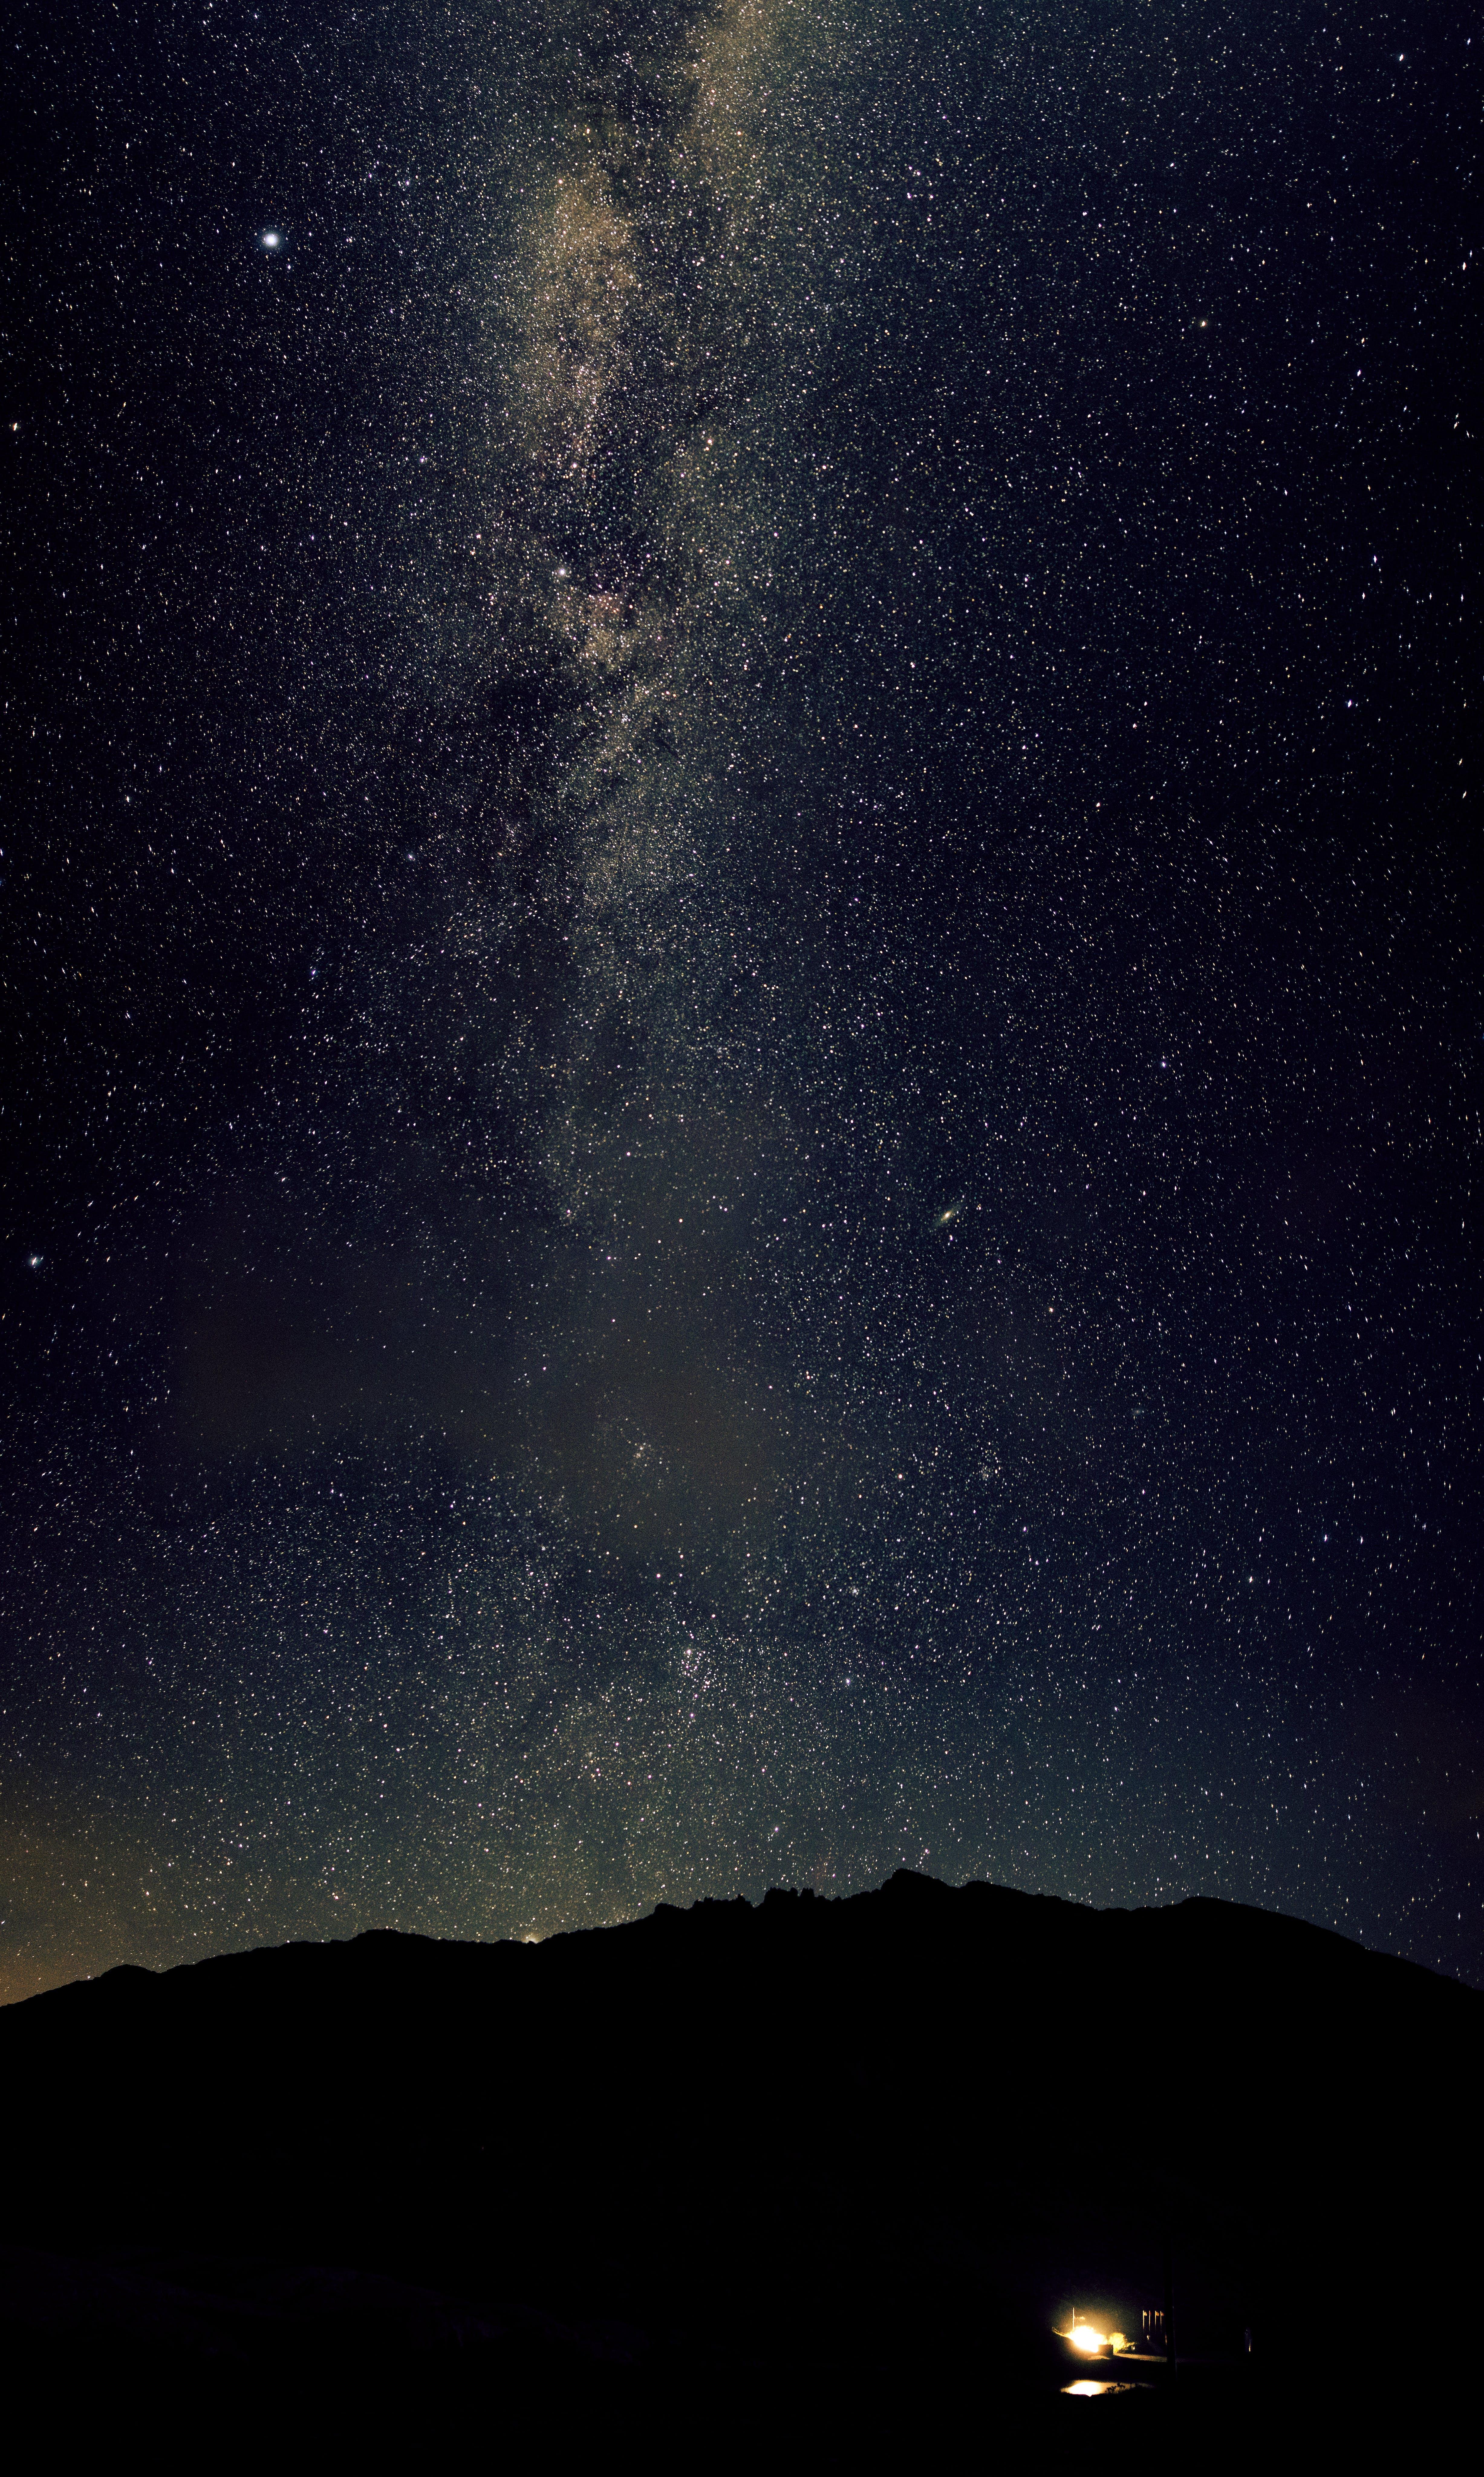 milchstraße, star